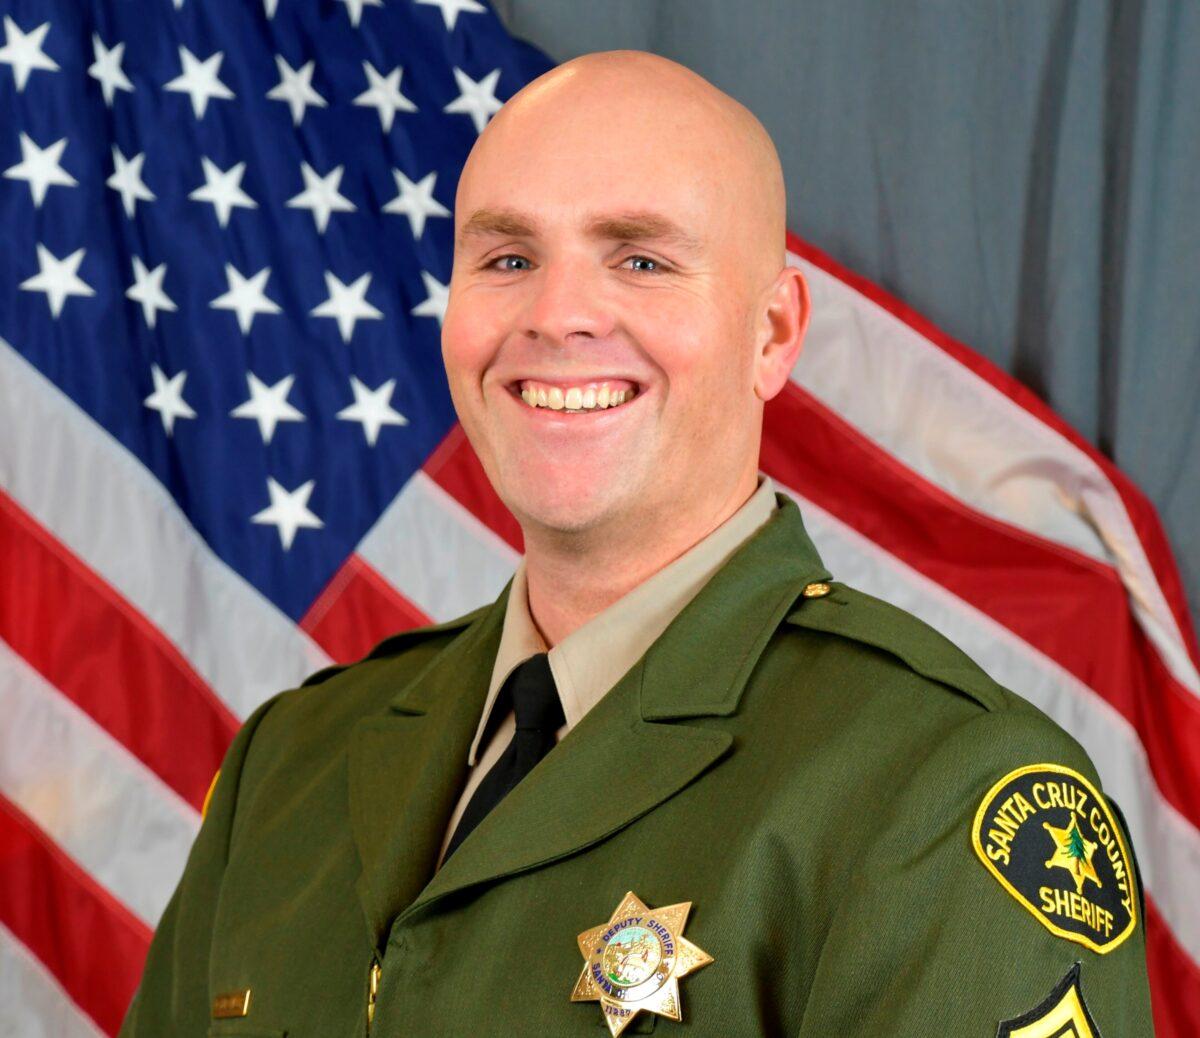 Sgt. Damon Gutzwiller California shooting